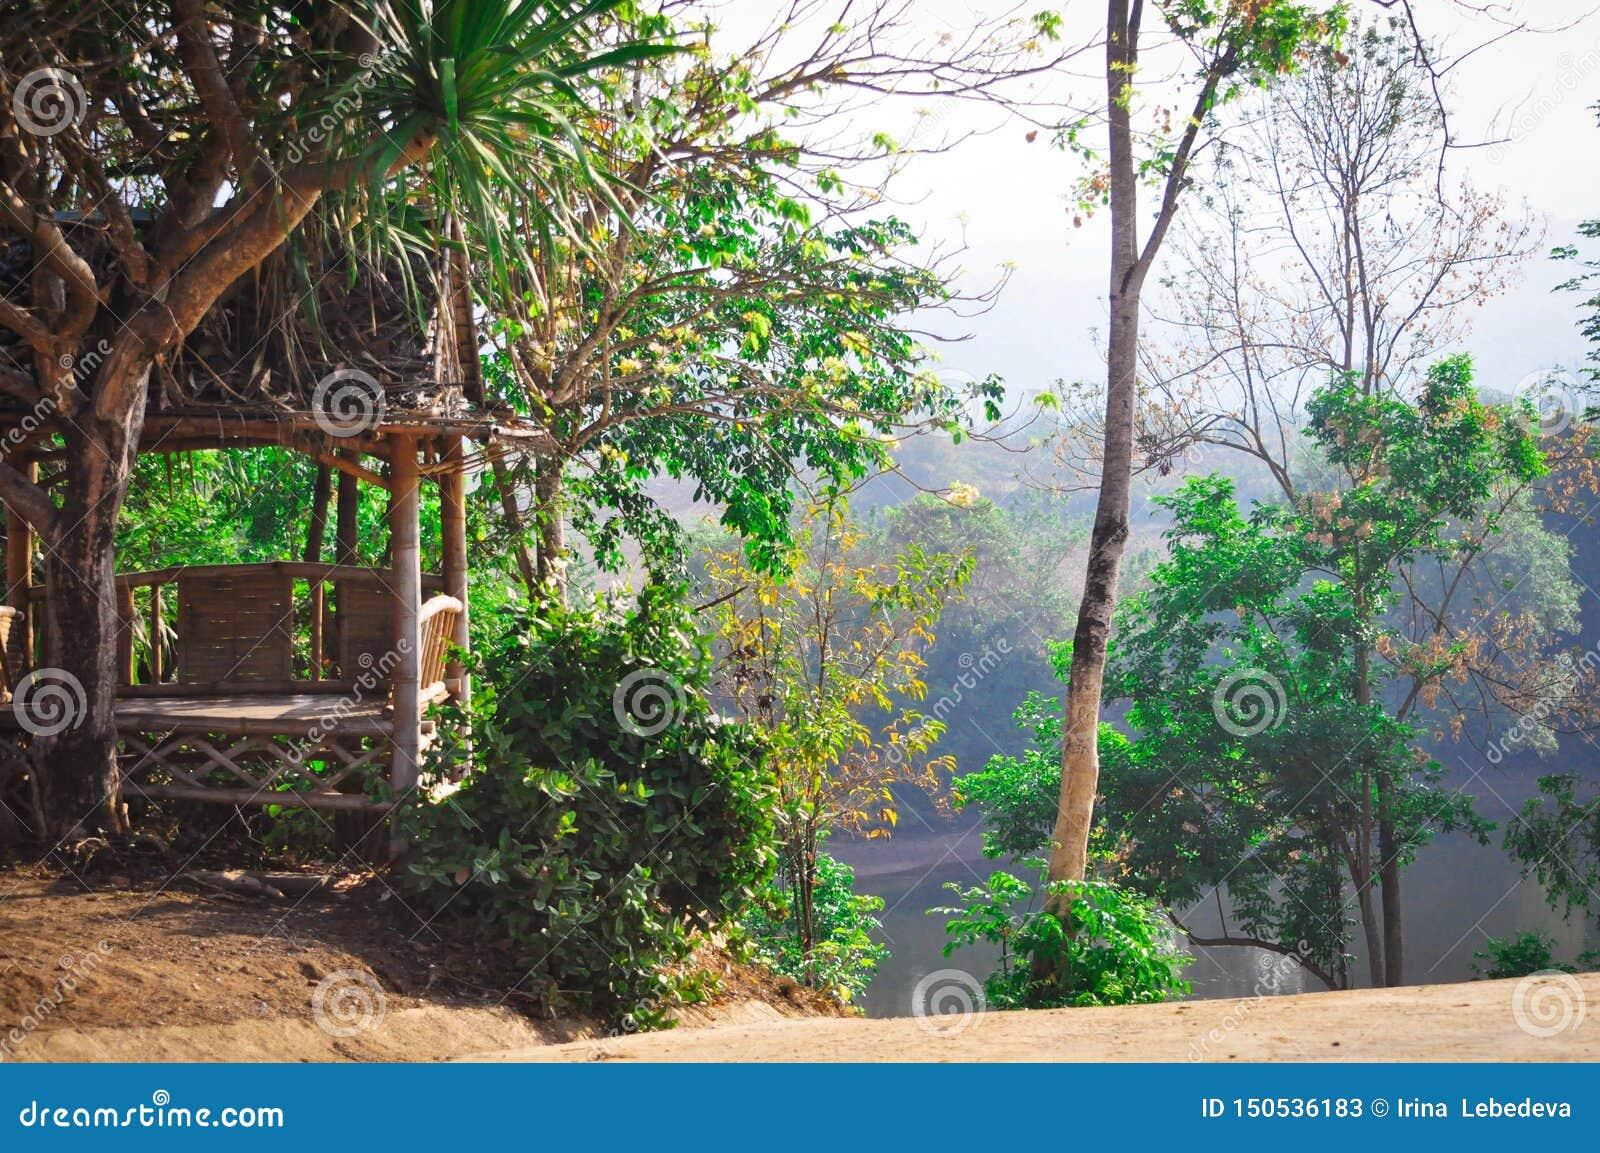 Belles vues scéniques de la nature verte riche avec des palmiers, une hutte sur la rivière en Thaïlande exotique